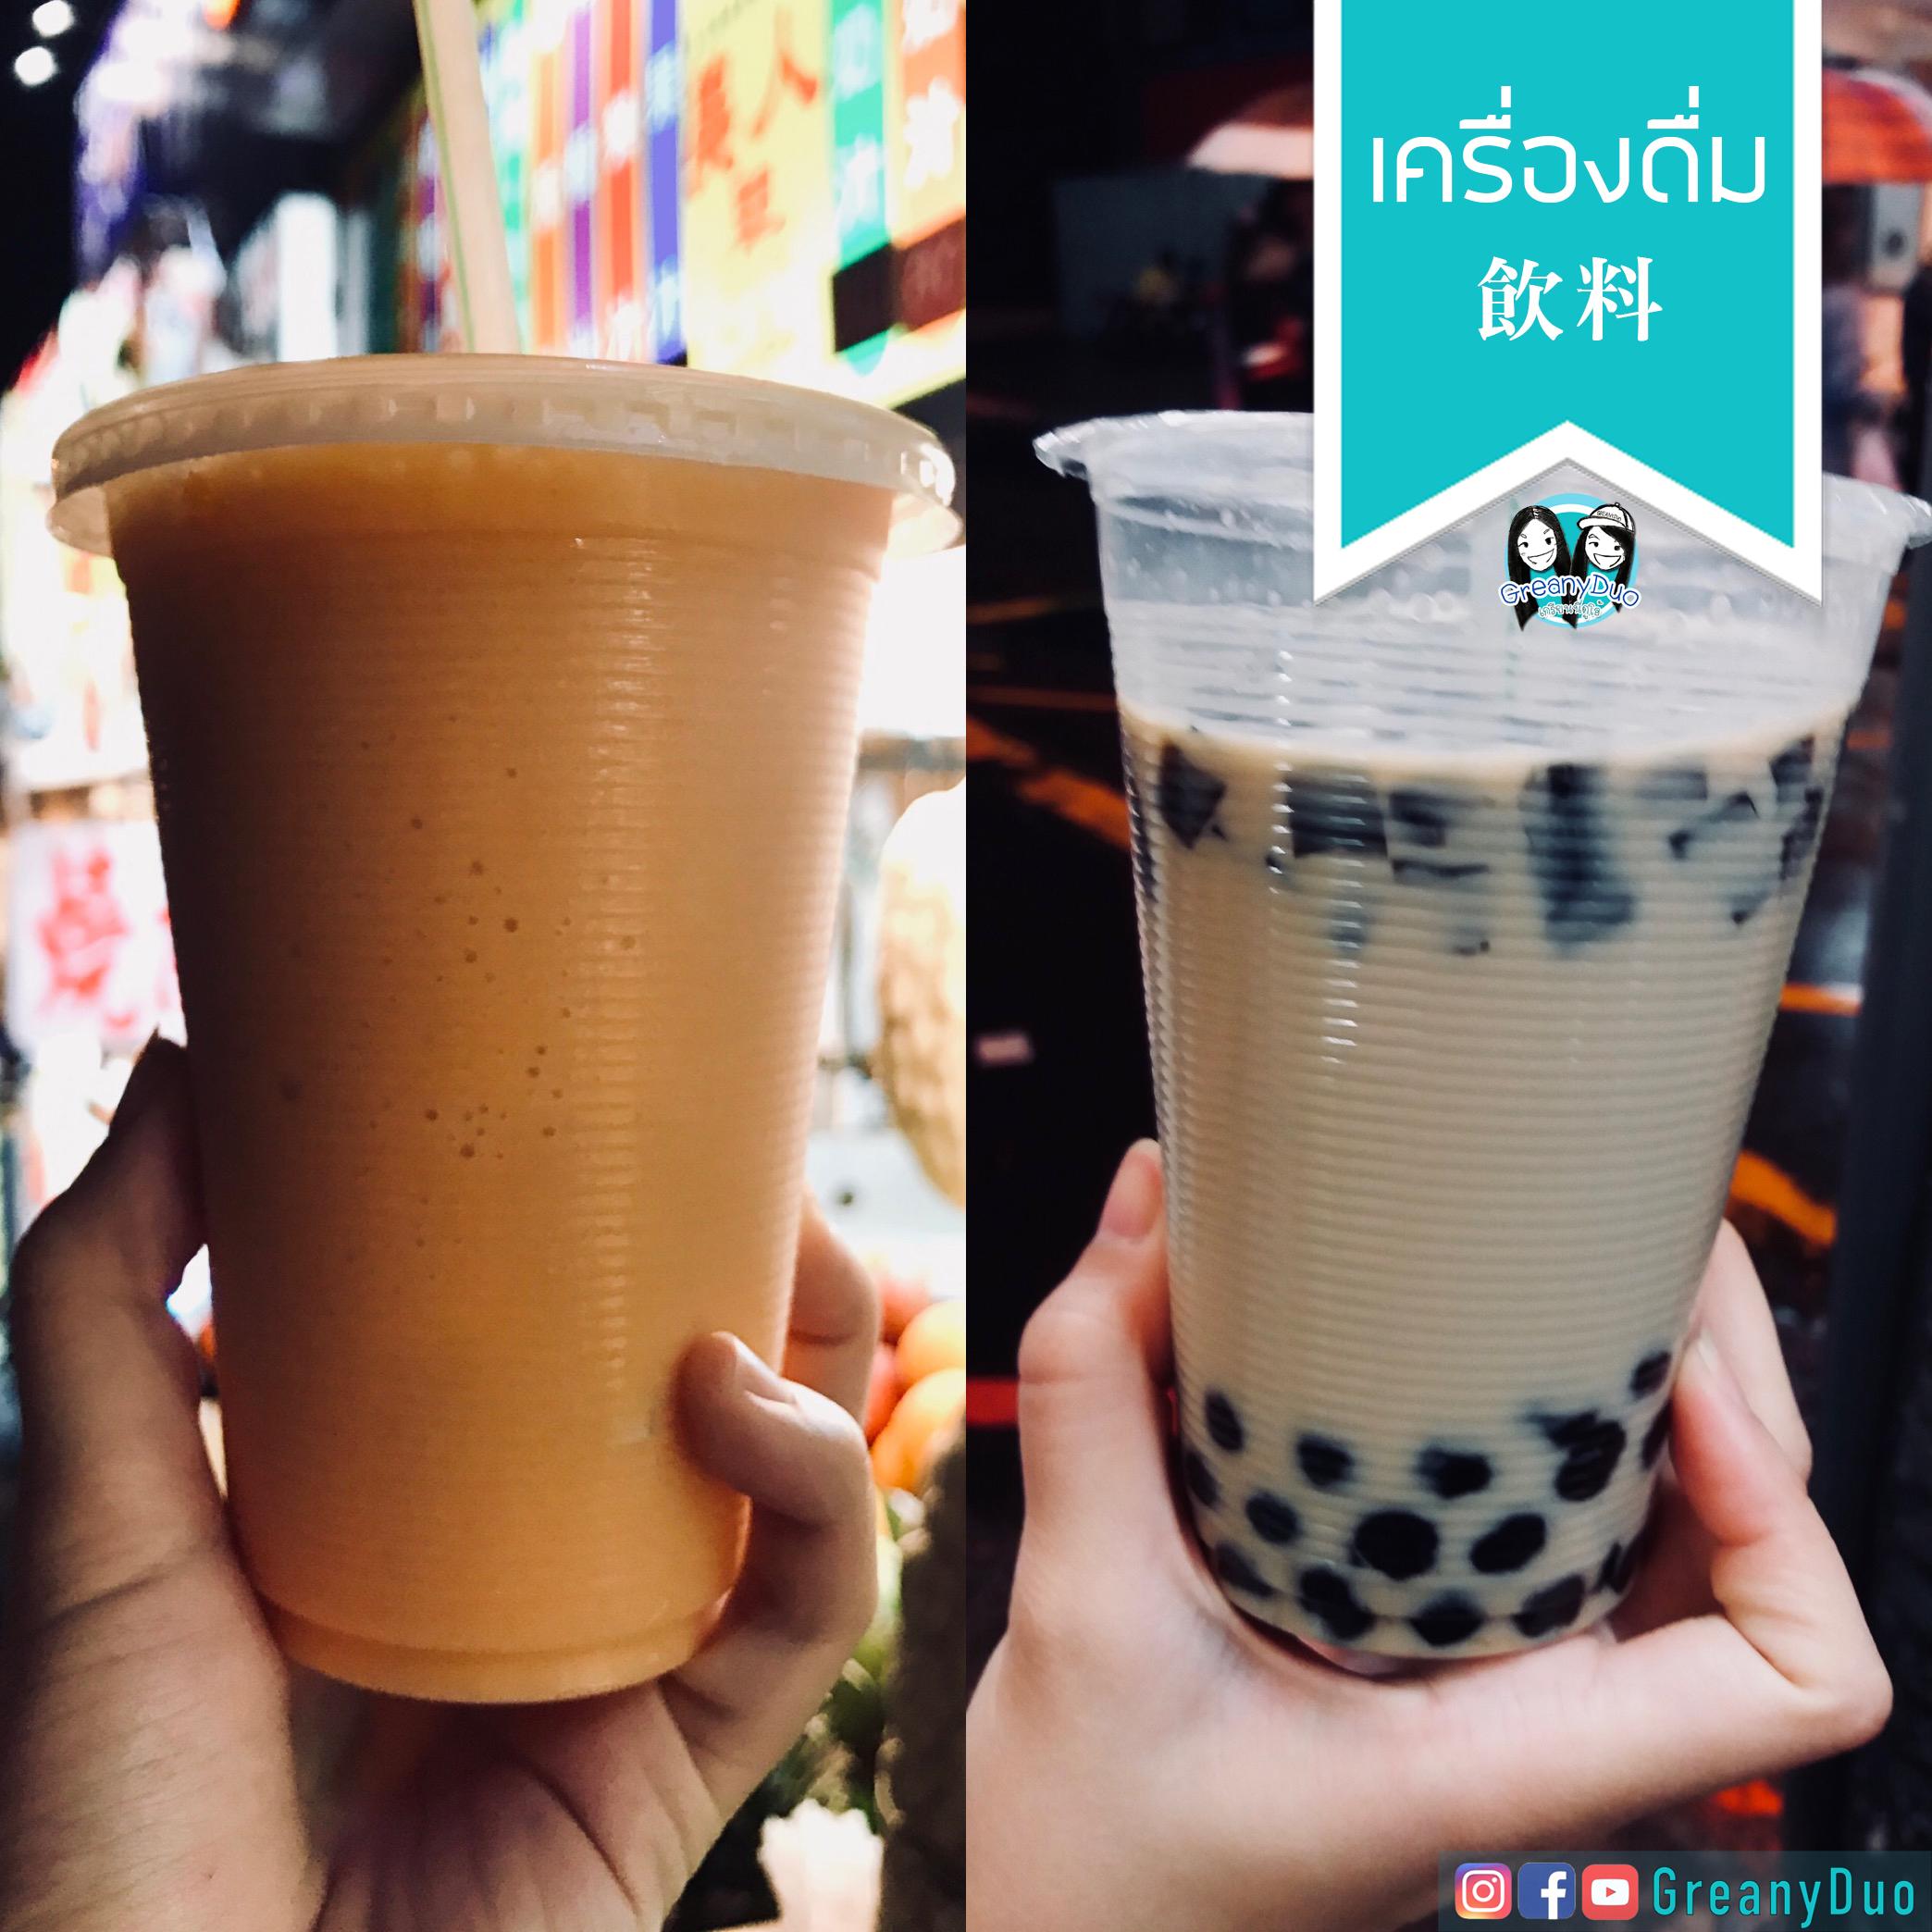 9. นมไข่มุกนํ้าตาลทรายแดง - 💛 陳三鼎黑糖粉圓📍 Gonguan Night Market📍https://goo.gl/maps/5cHp6SsBBfJ2💸 35 NTD🤤 นมไข่มุกที่ไม่ธรรมดา ไข่มุกนํ้าตาลทรายแดง กลิ่นหอมมาก shake shake ก่อนดื่ม รสชาติจะกลมกล่อมสุดๆเลยค่ะ😁